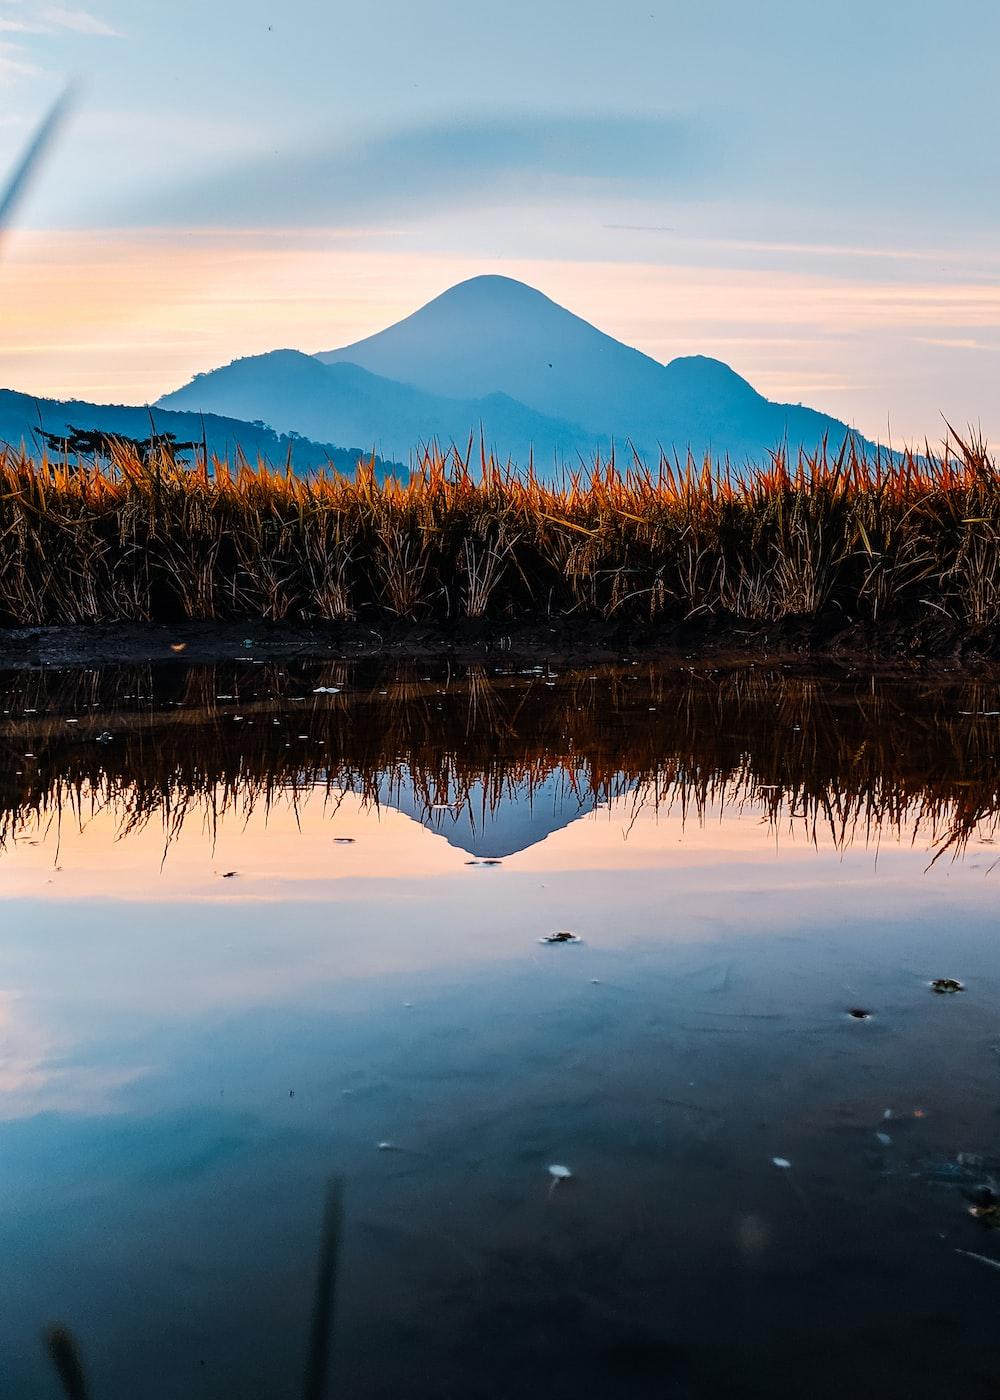 grasses bseside pond